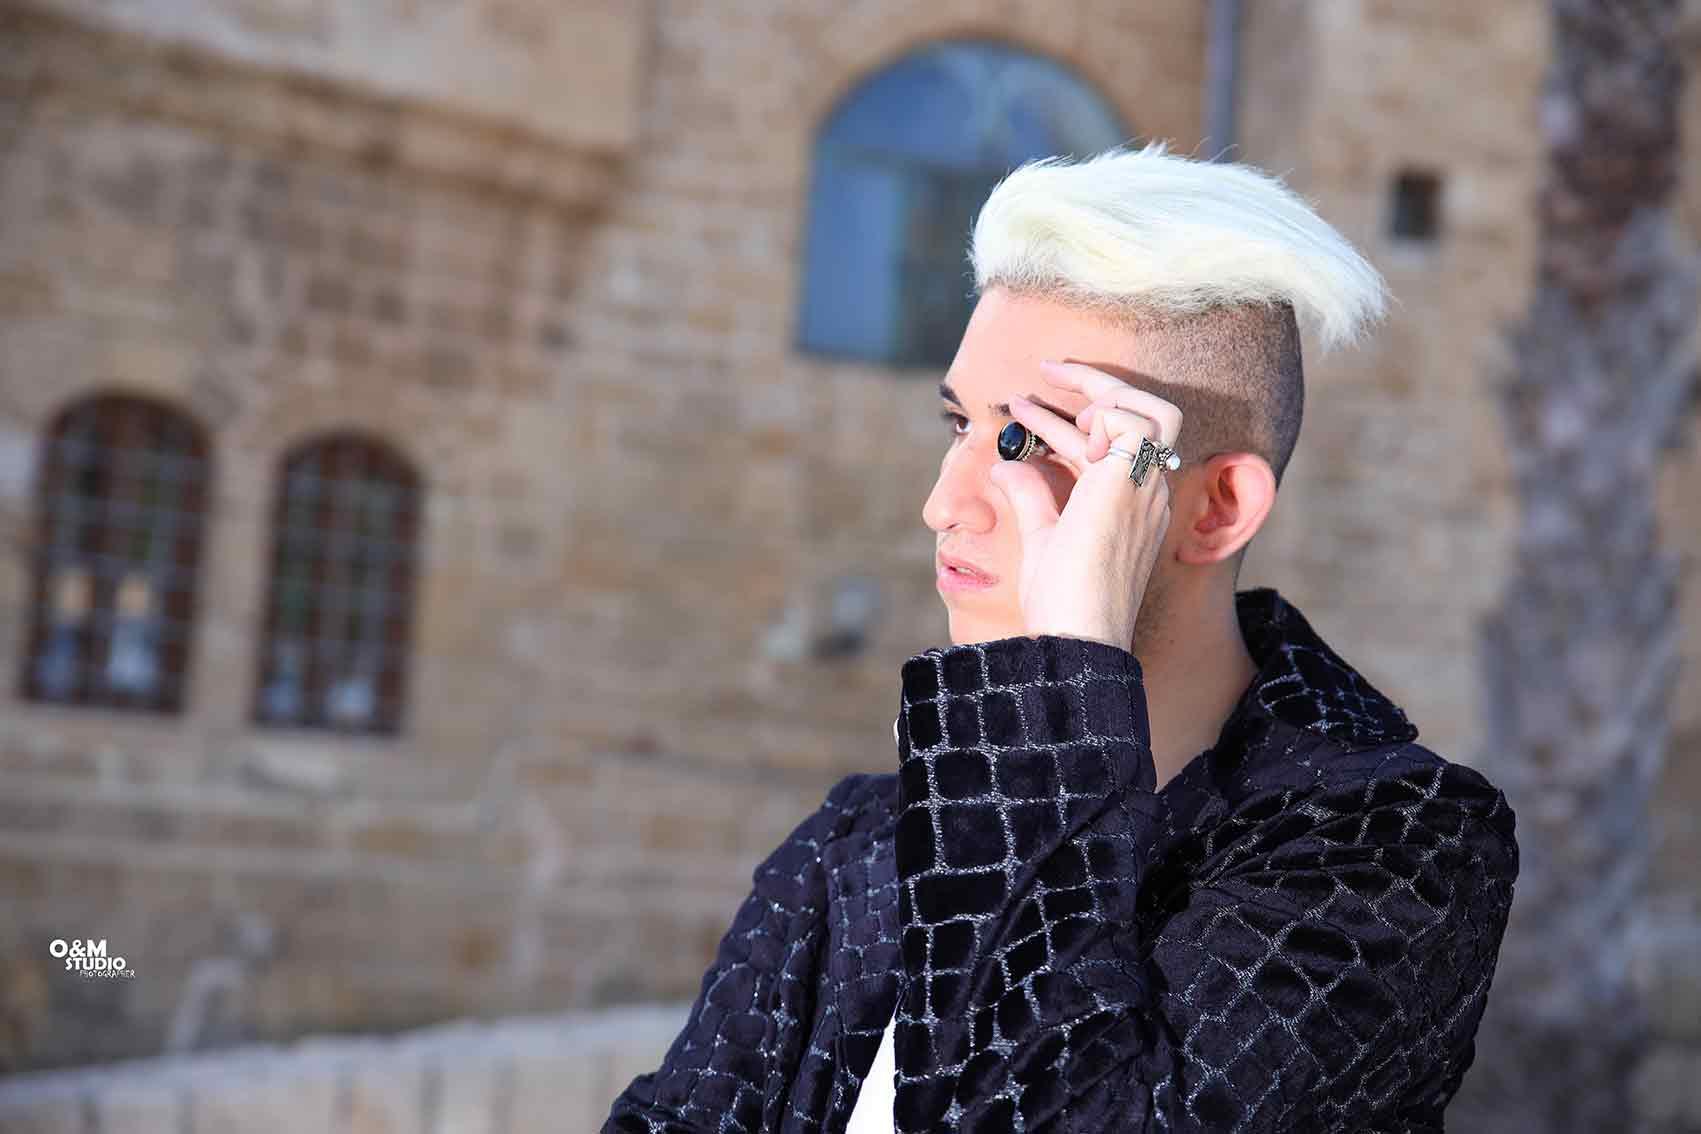 מגזיון-אופנה-צלמים: זיו אבוהי, מור שרעבי, מעצבת אופנה: עדן שלום, דוגמן: אלעד כהן, מנהלת אישית, מאפרת מעצבת שיער: דגנית כהן - מגזין אופנה ישראלי